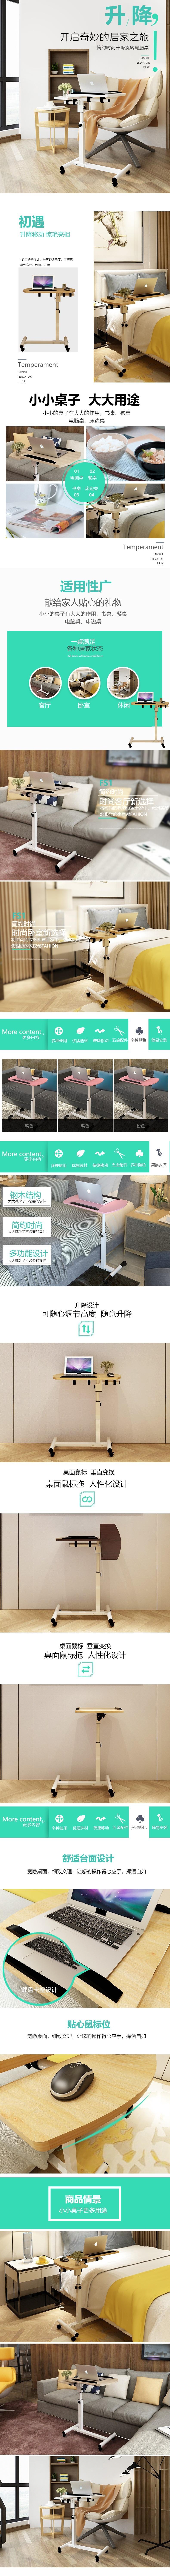 简约大气时尚百货零售家居家具桌子促销电商详情页